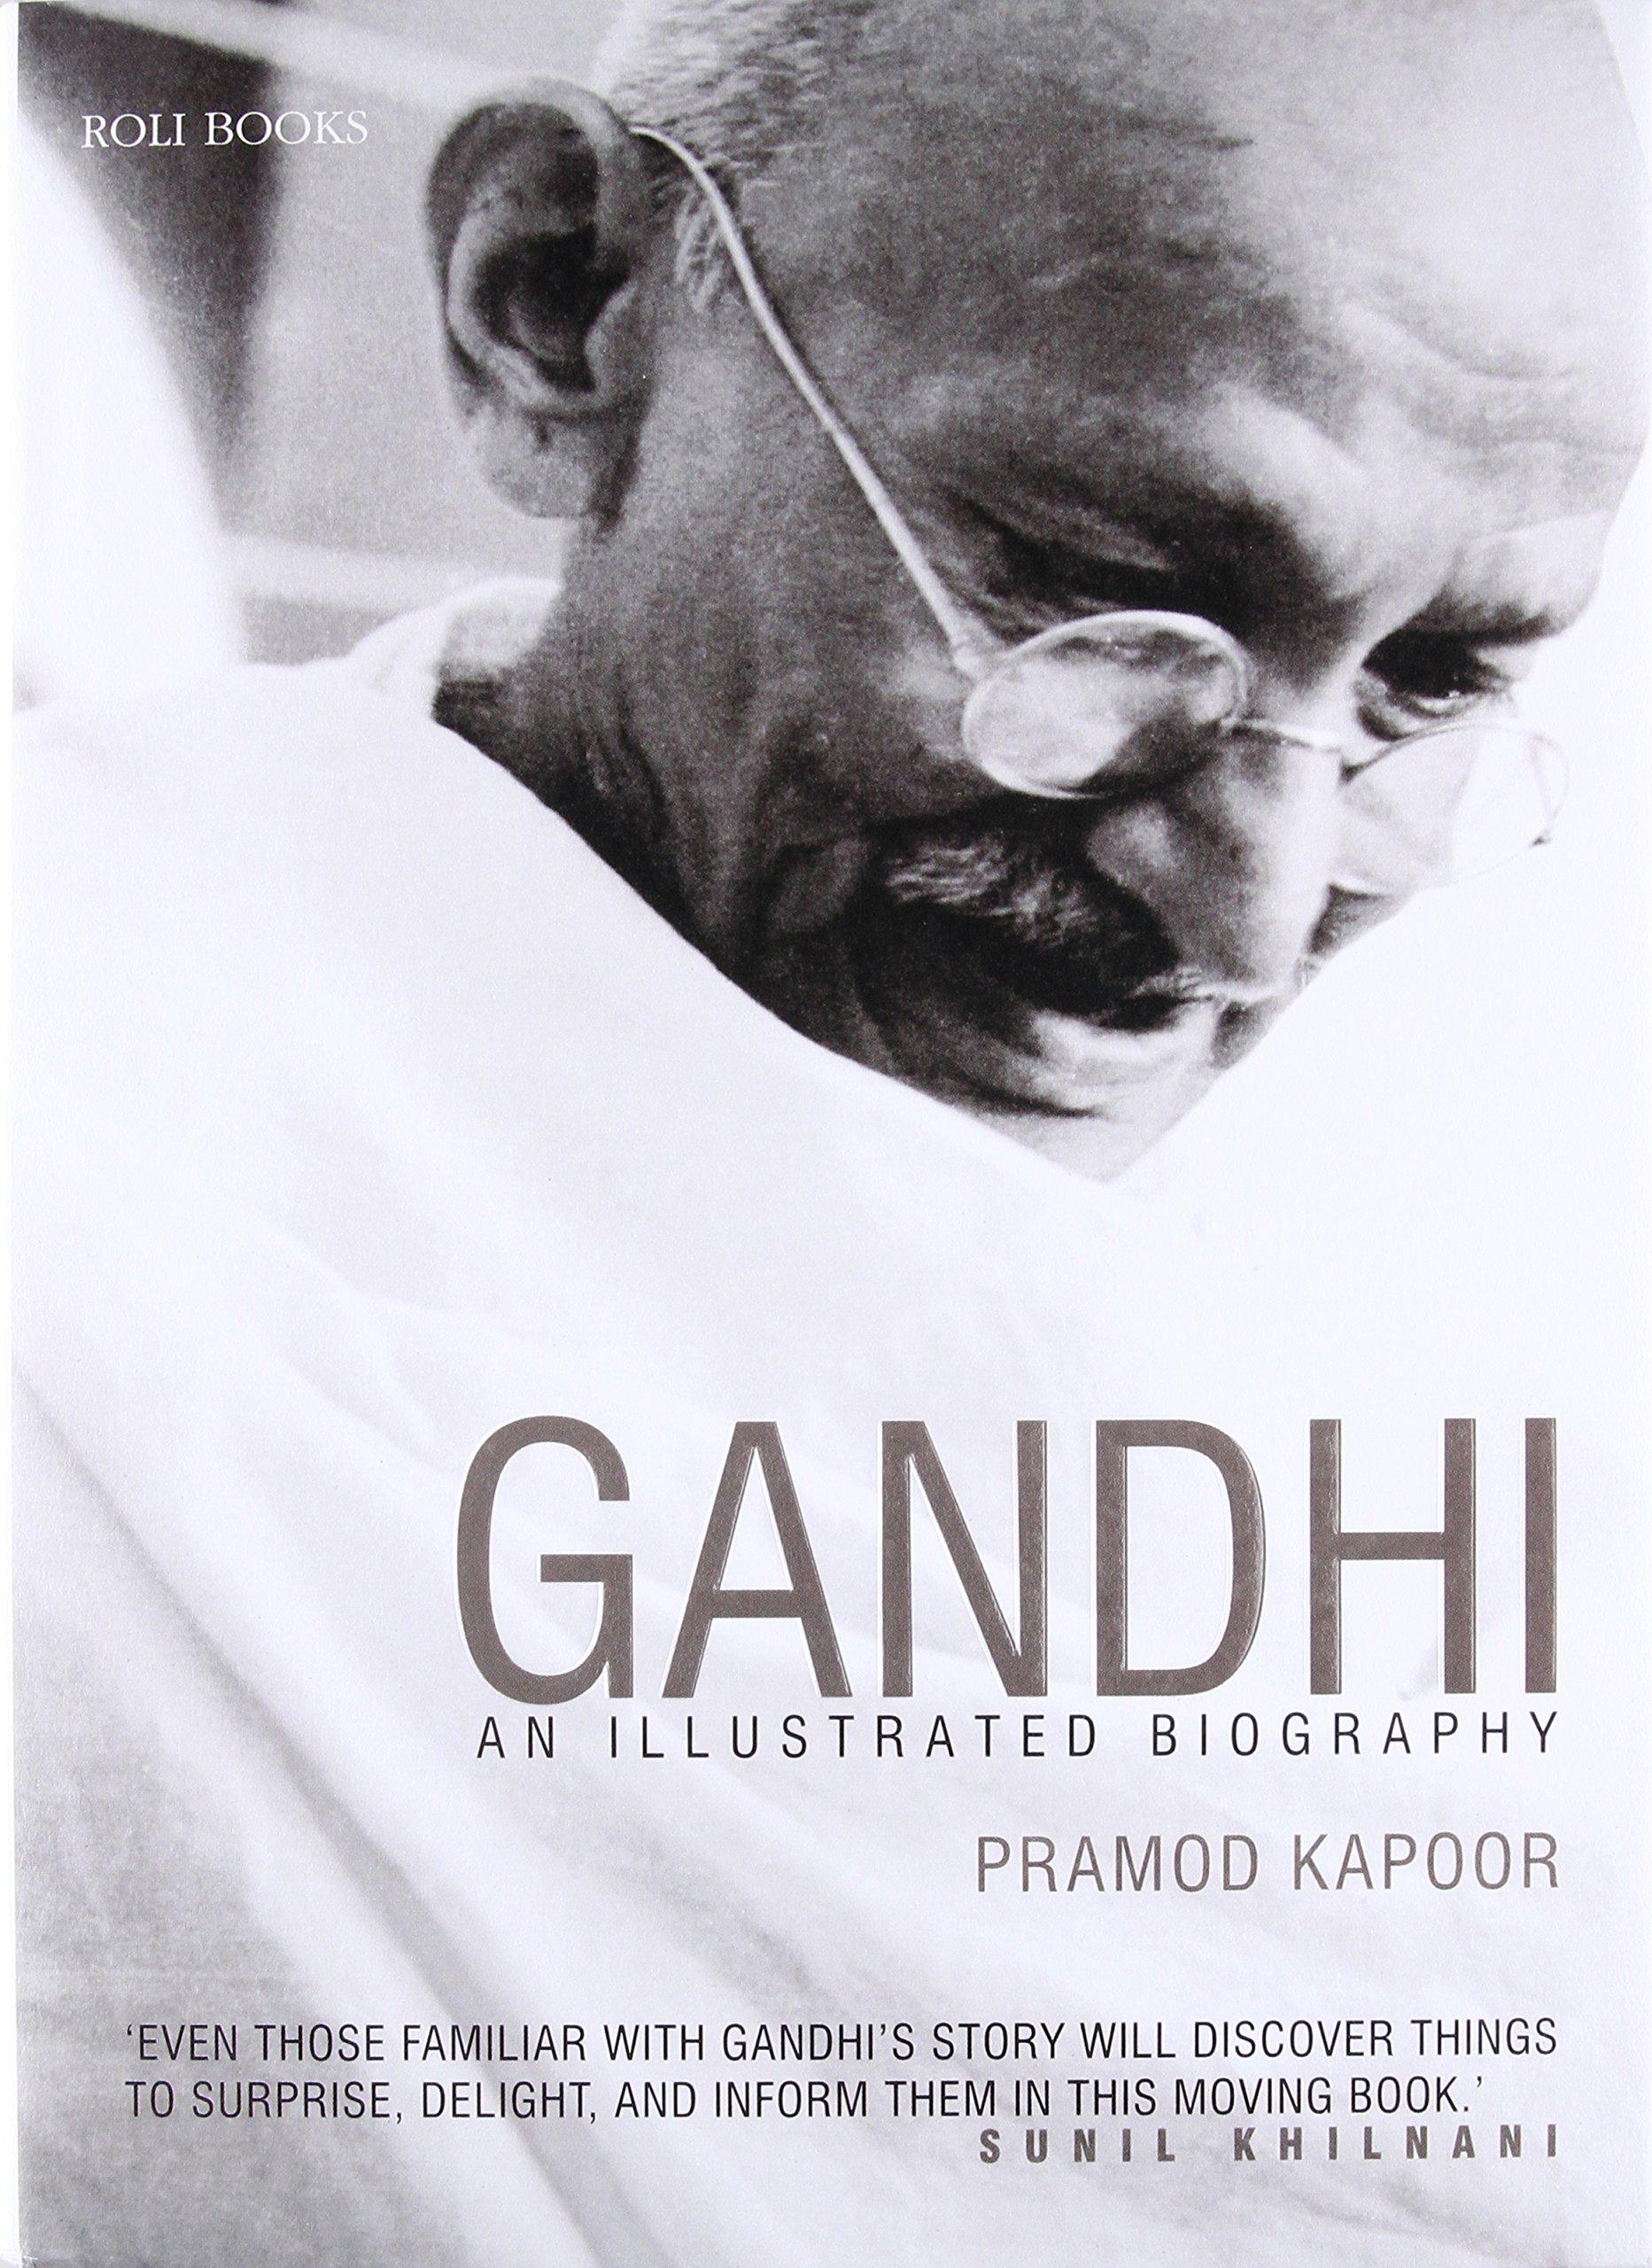 Gandhi Biography Book